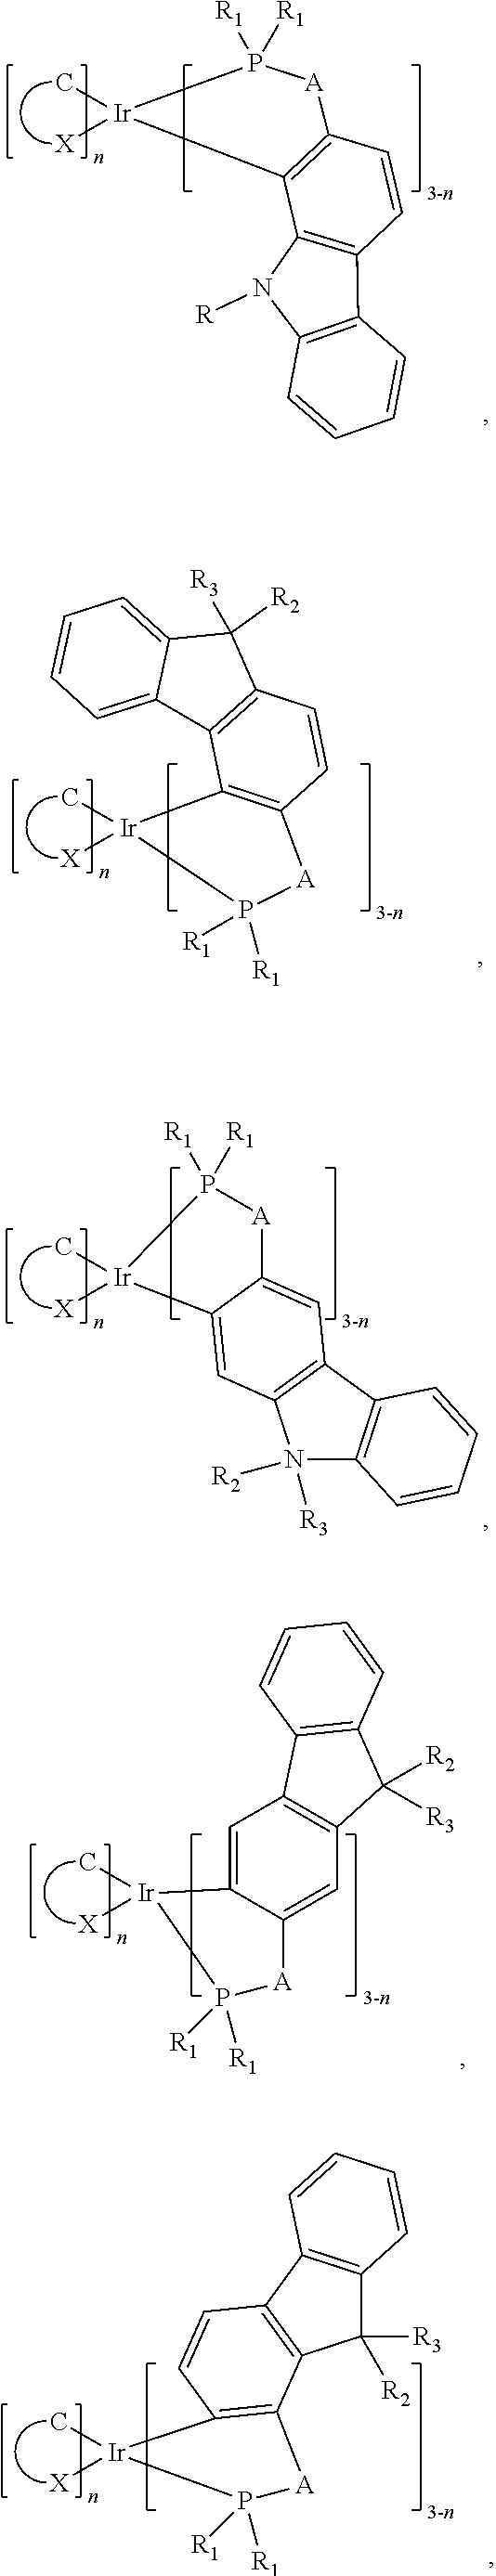 Figure US10121975-20181106-C00020